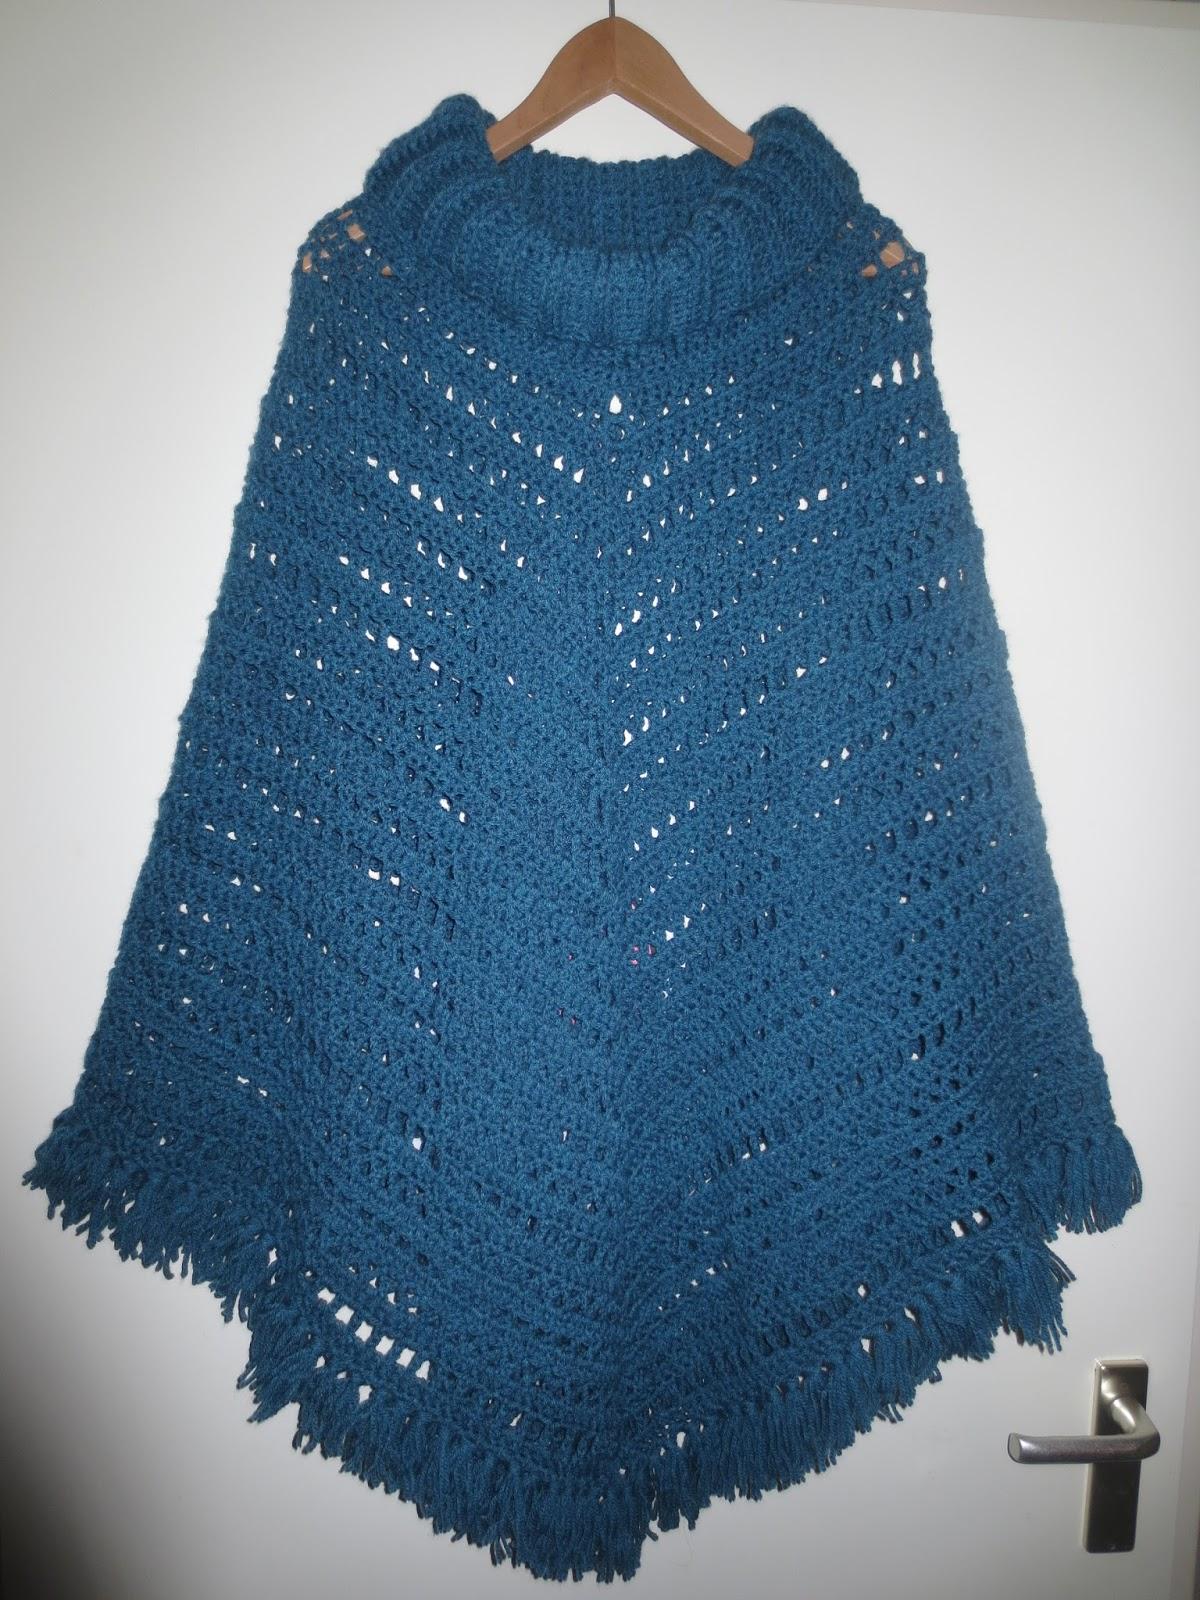 Crochet By Ri